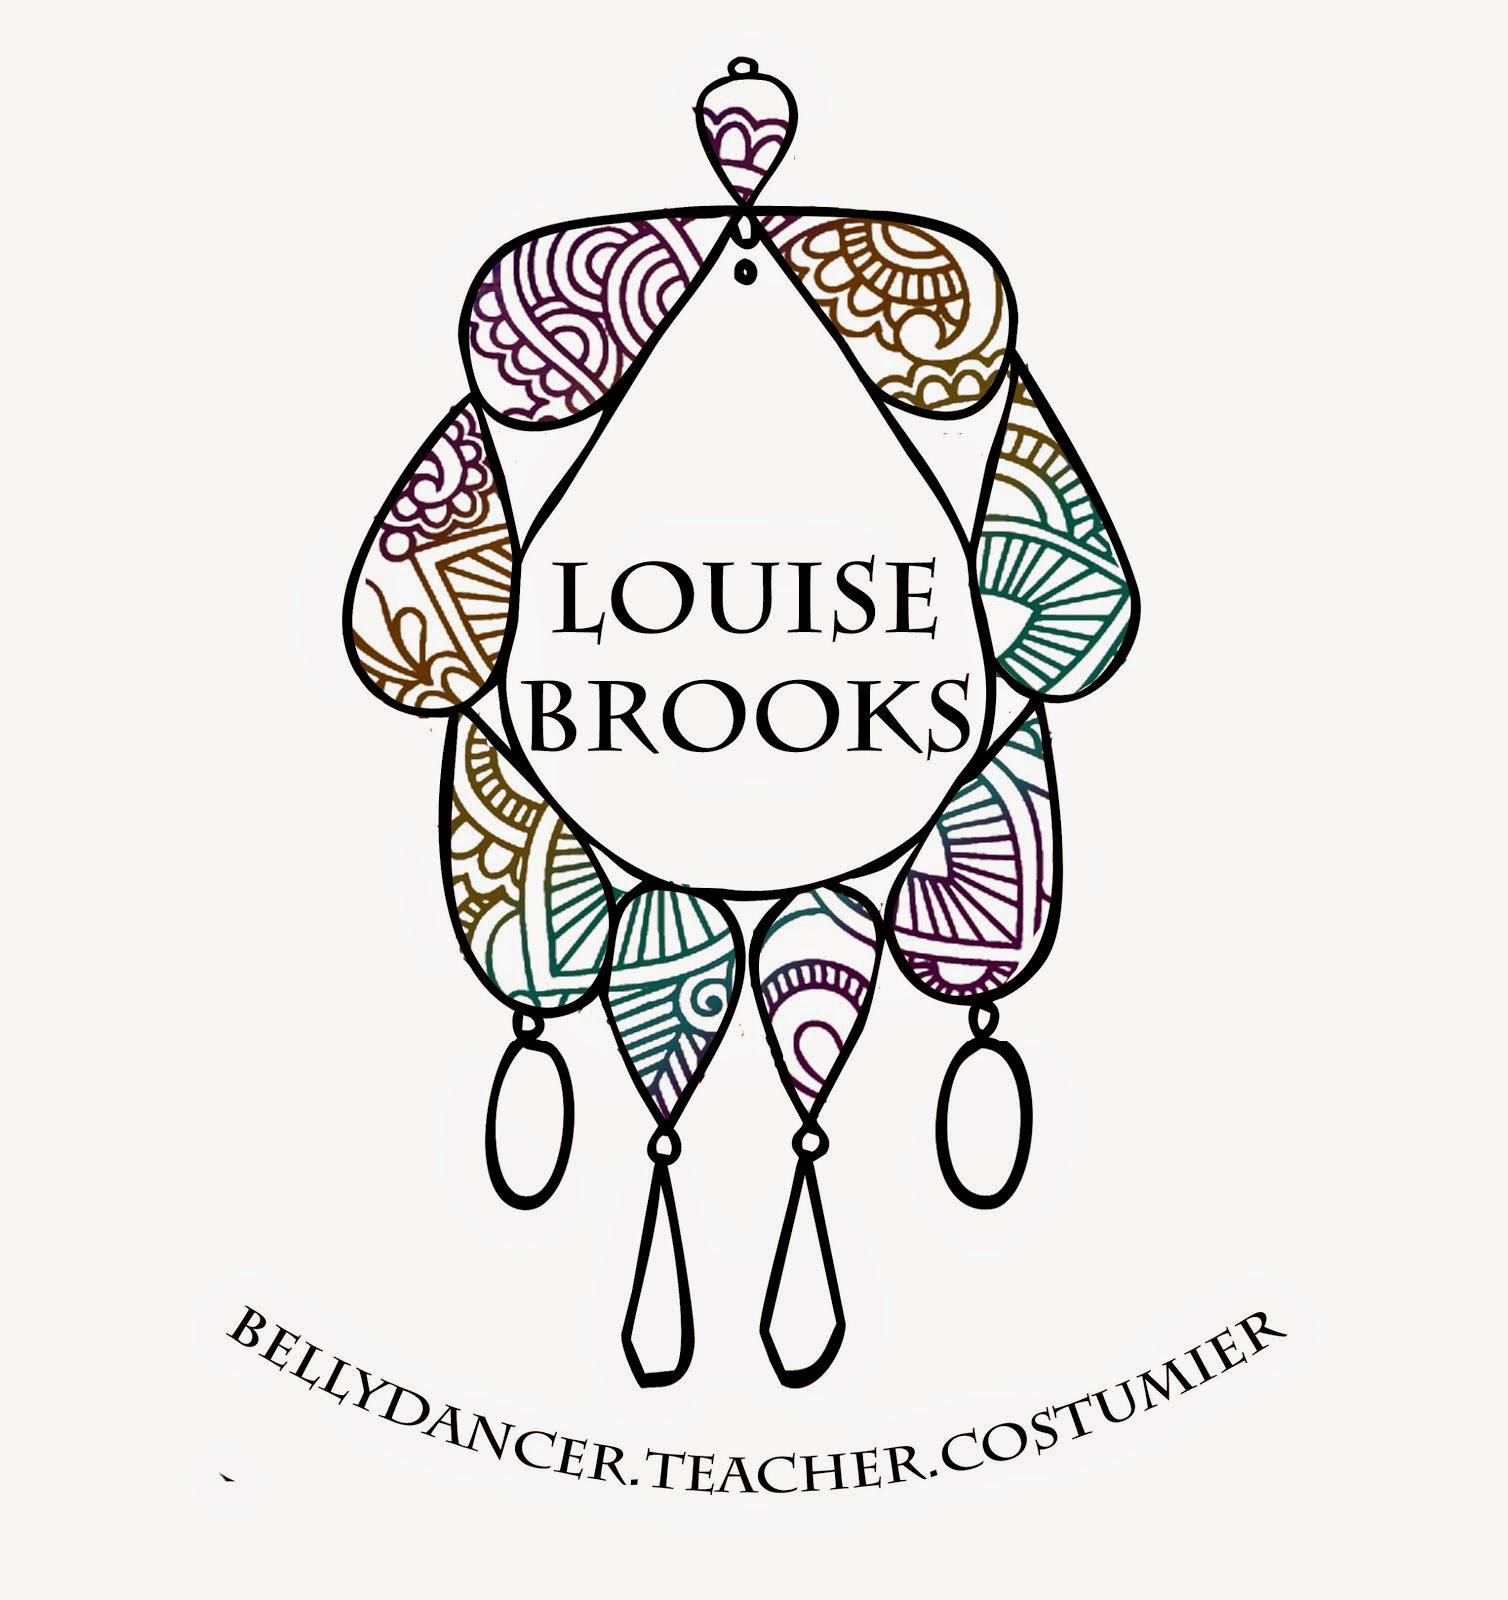 www.louisebellydancer.co.uk